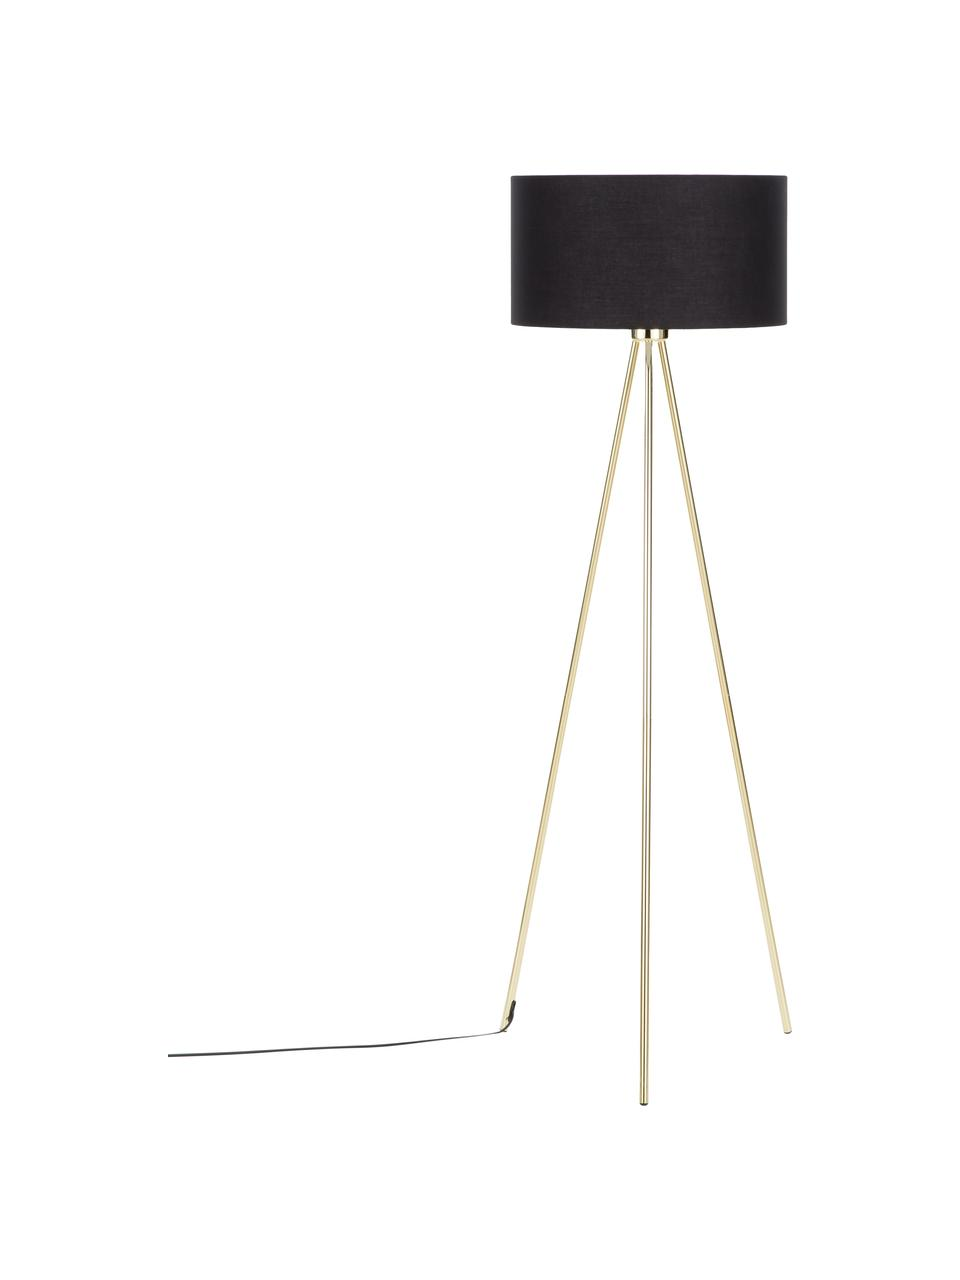 Lampada da terra con paralume in tessuto Cella, Paralume: miscela di cotone, Base della lampada: metallo, Nero, dorato, Ø 45 x Alt. 147 cm